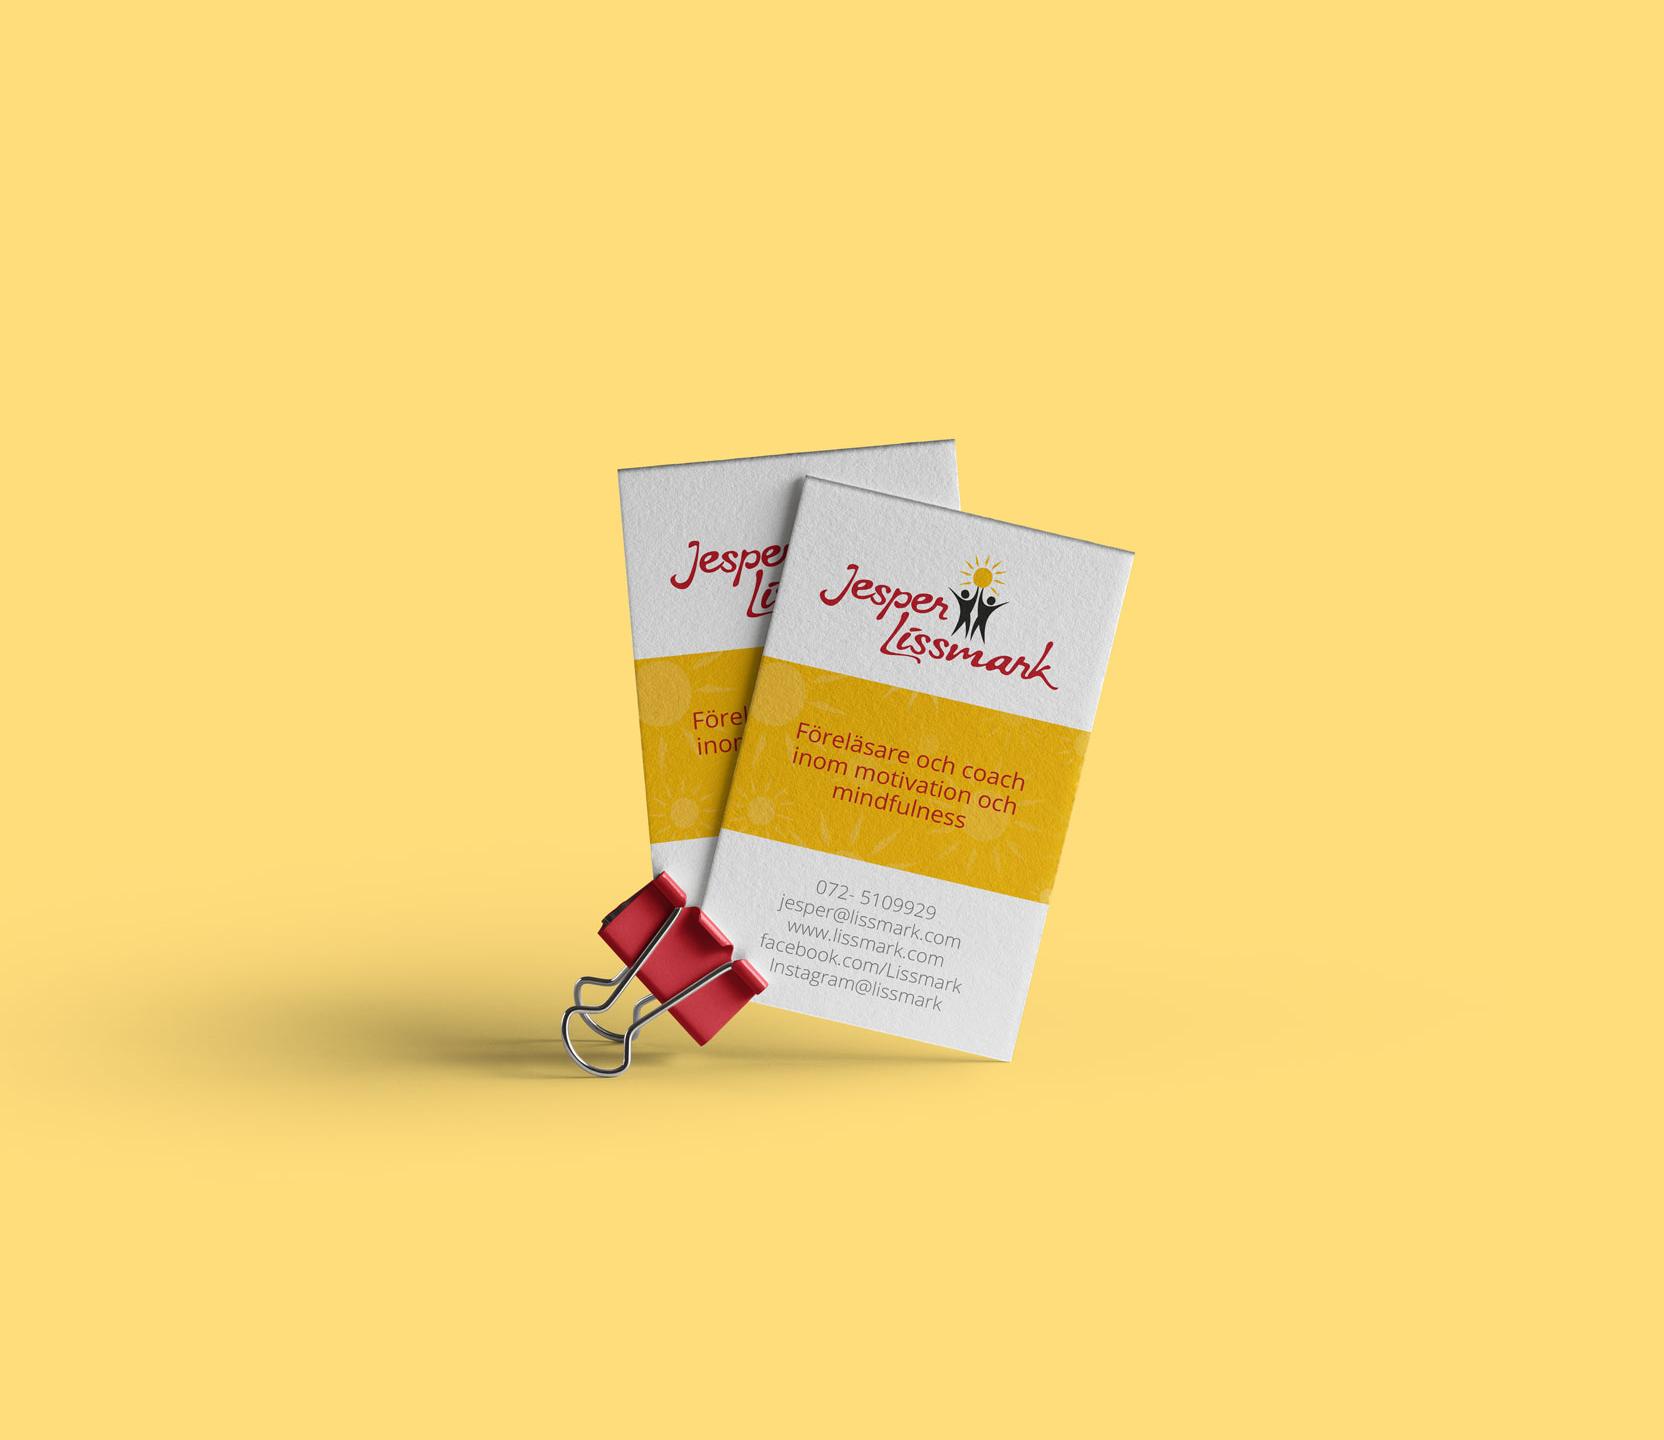 Visitkort Formgivning Lissmark